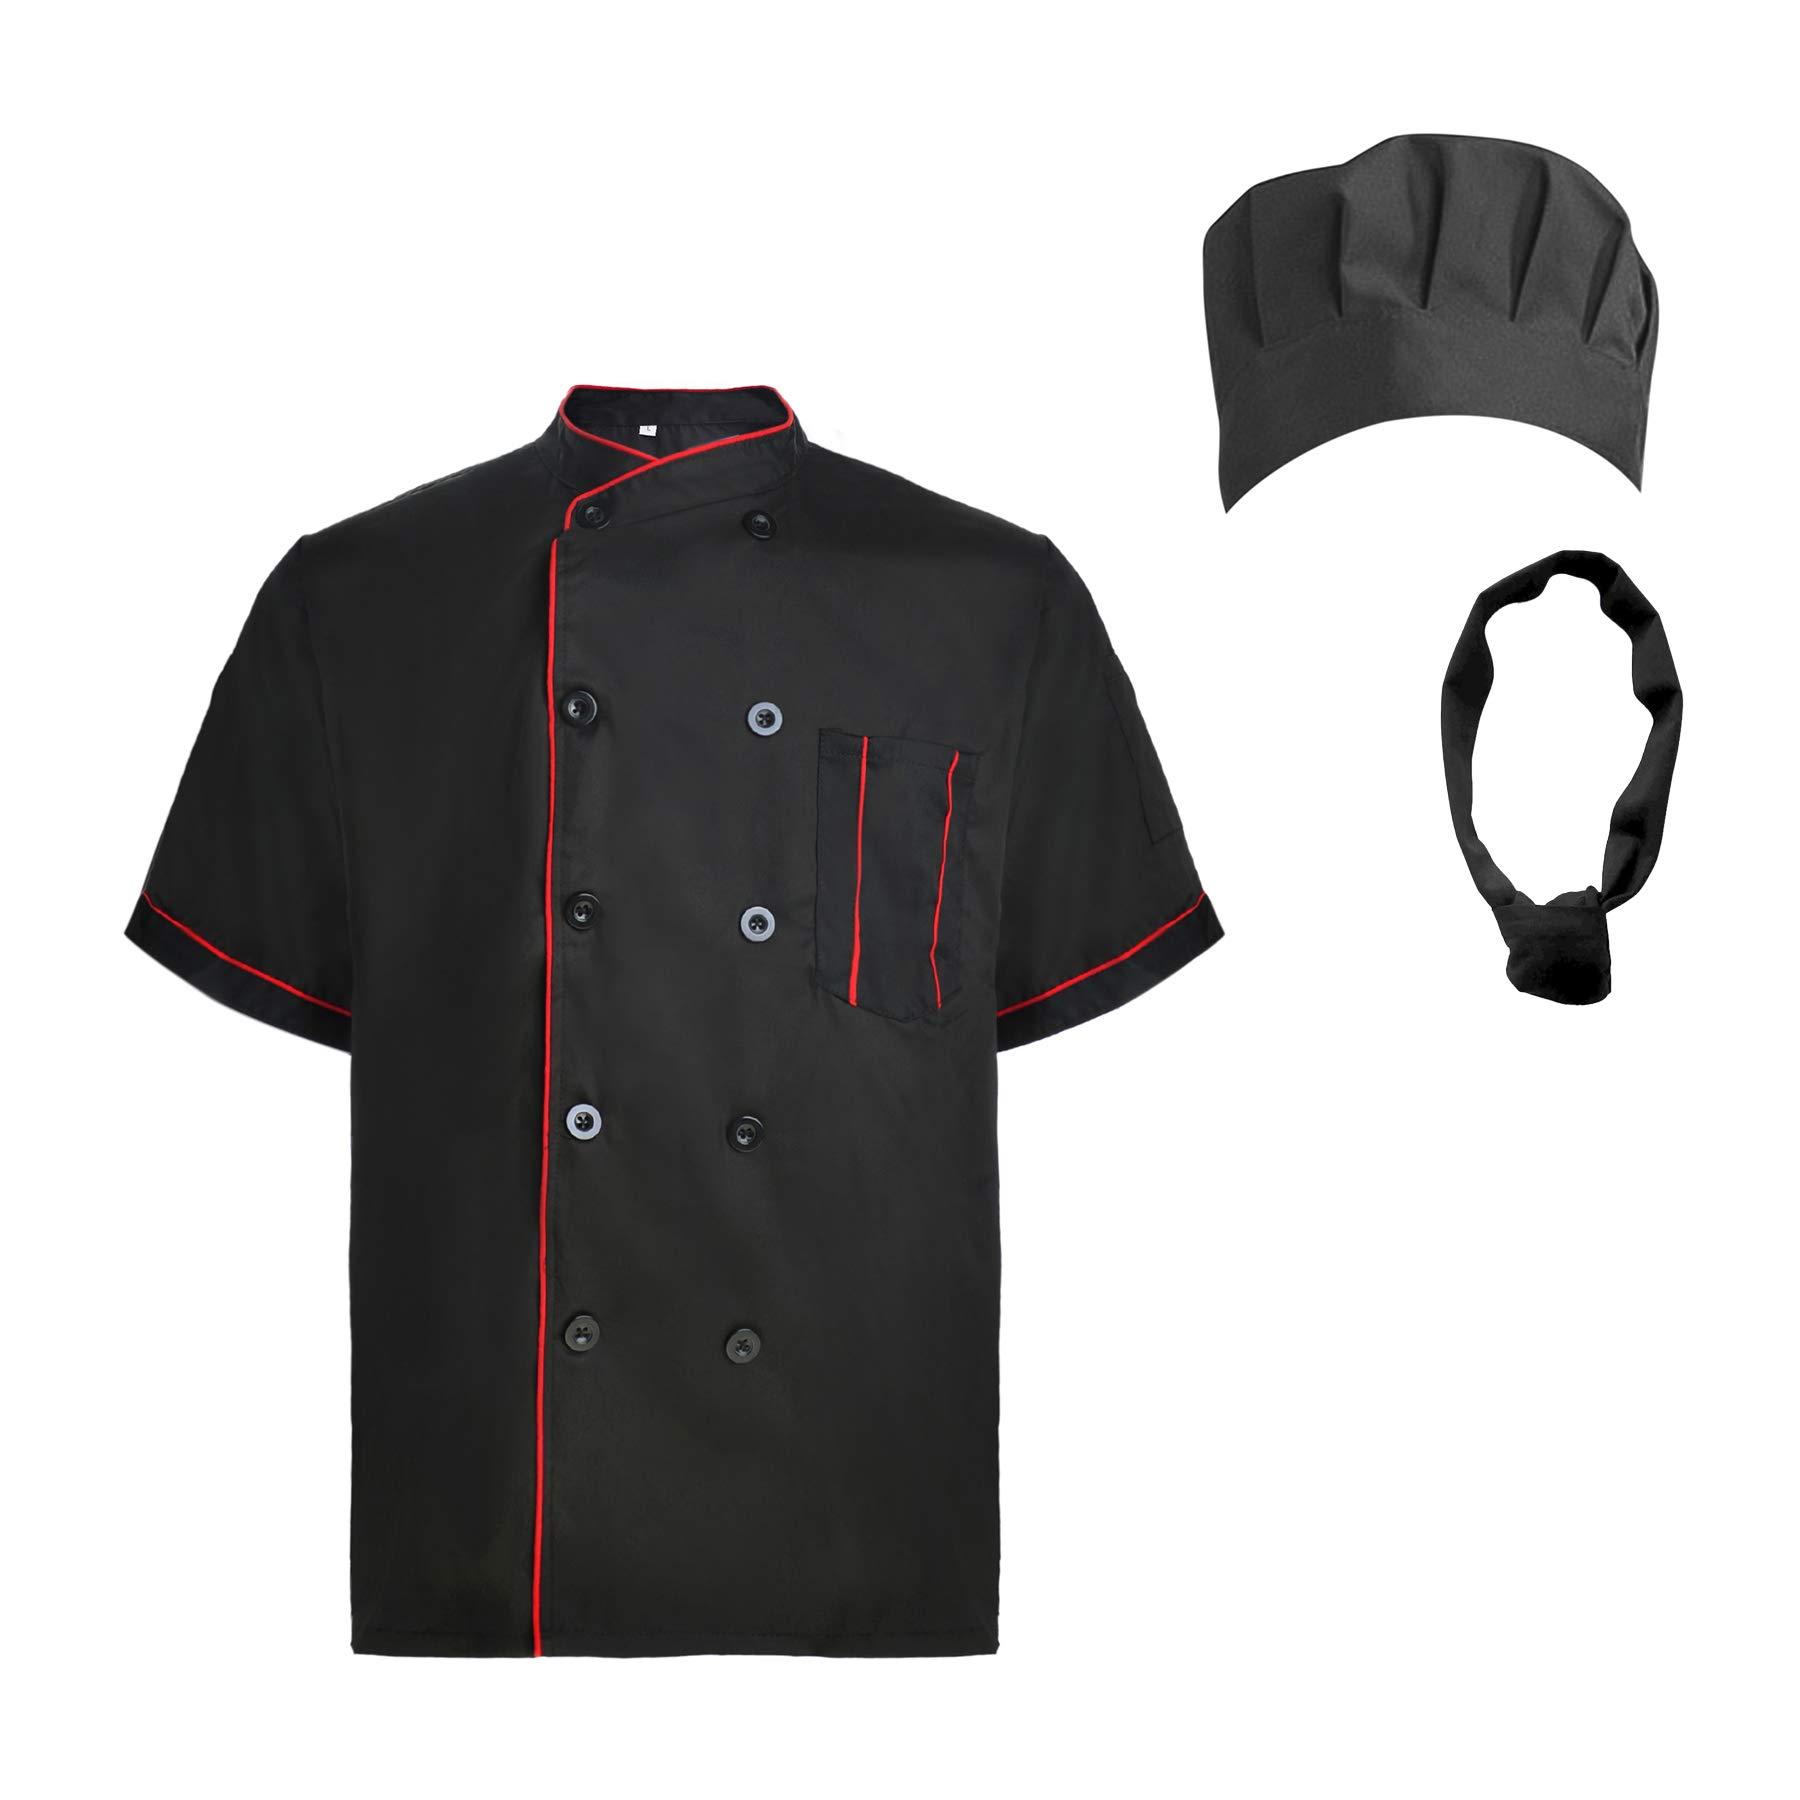 TopTie Unisex Short Sleeve Cooking Chef Coat Jacket & Hat & Bandana Set-Black with red-M